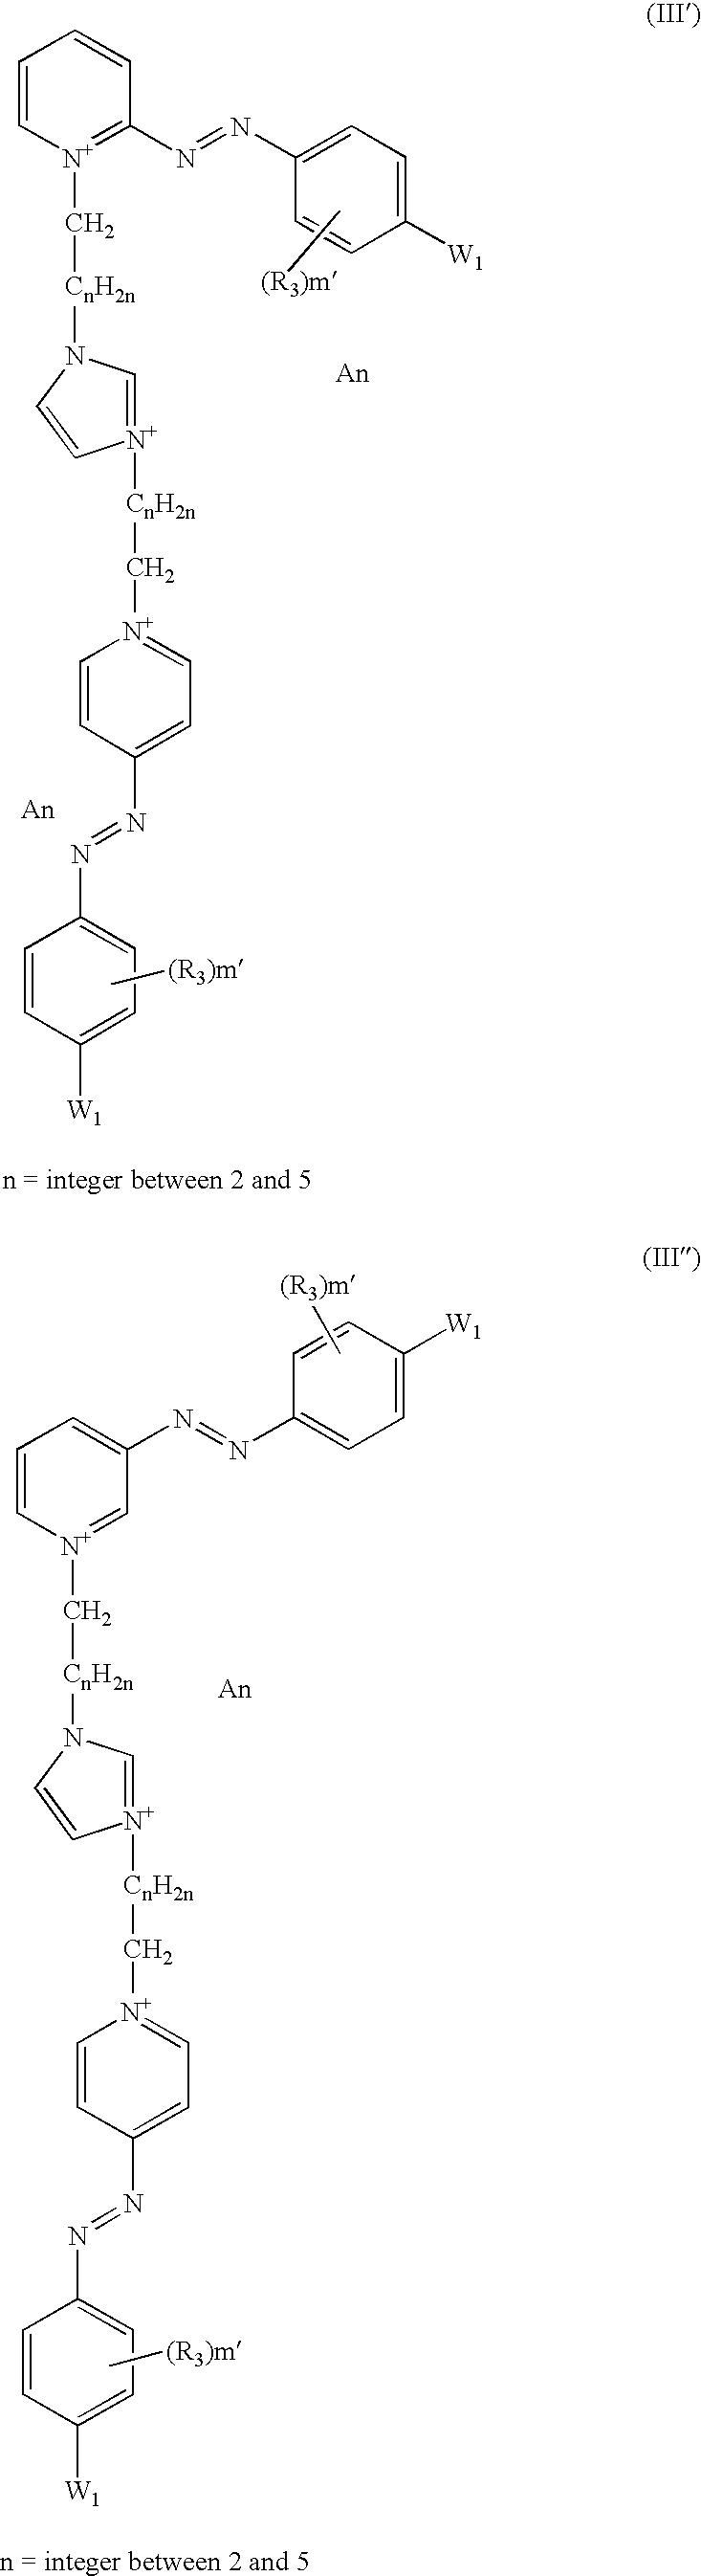 Figure US07288639-20071030-C00032